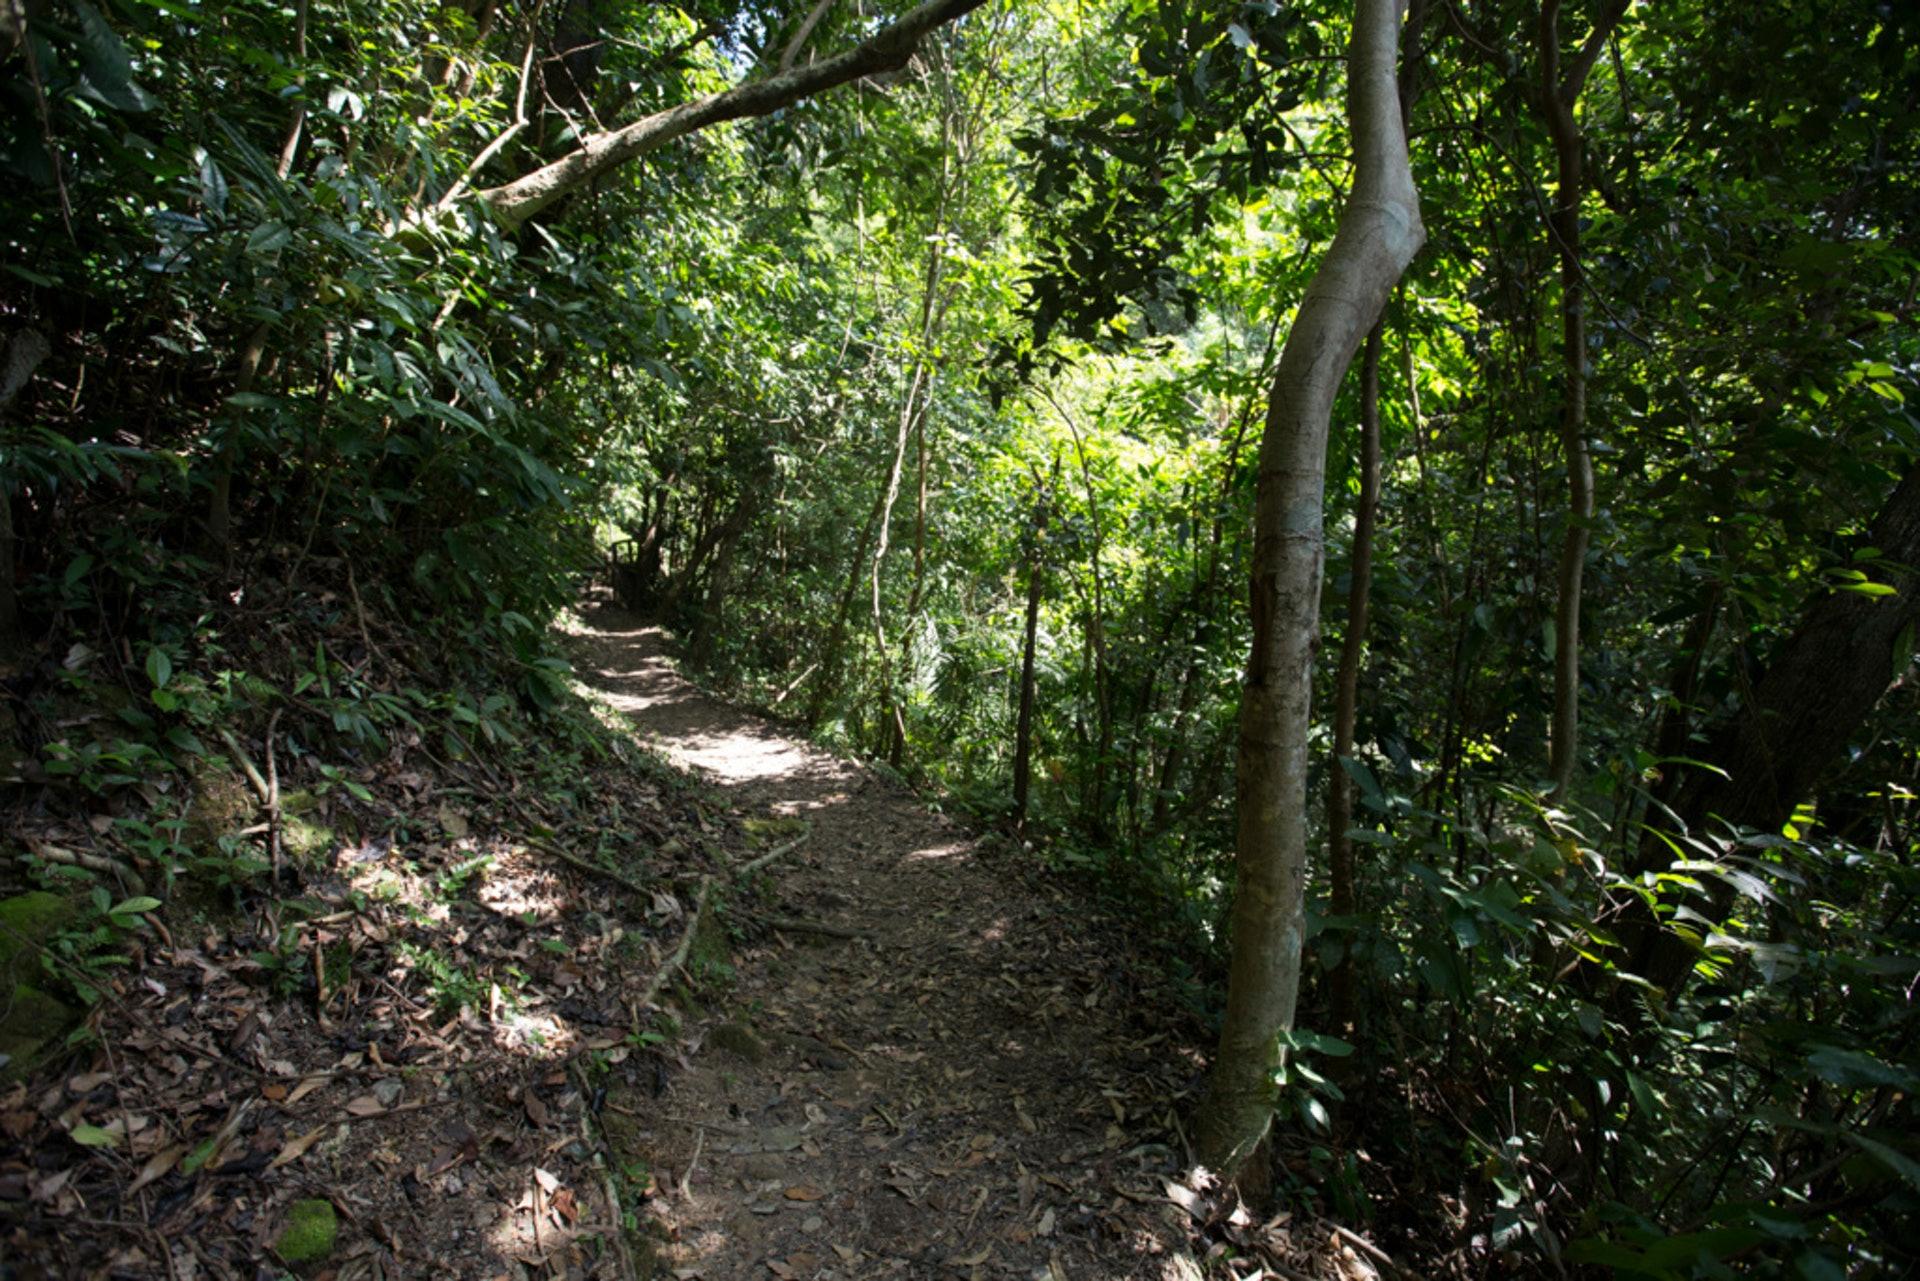 土沉香的生長環境需要年均溫度20℃以上,因此多數生長在東南亞一帶。(吳鍾坤攝)